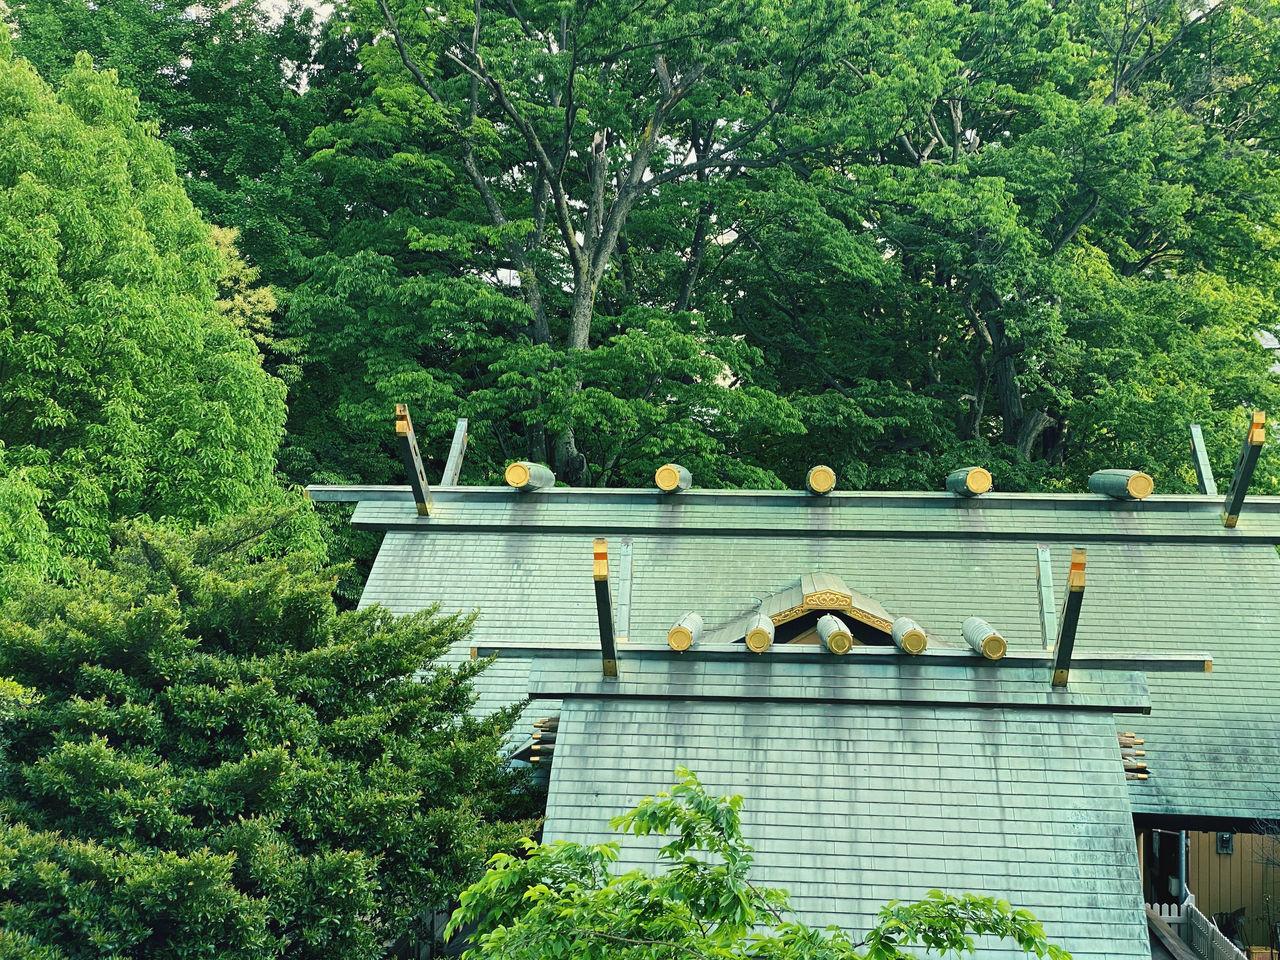 VIEW OF BIRD IN PARK